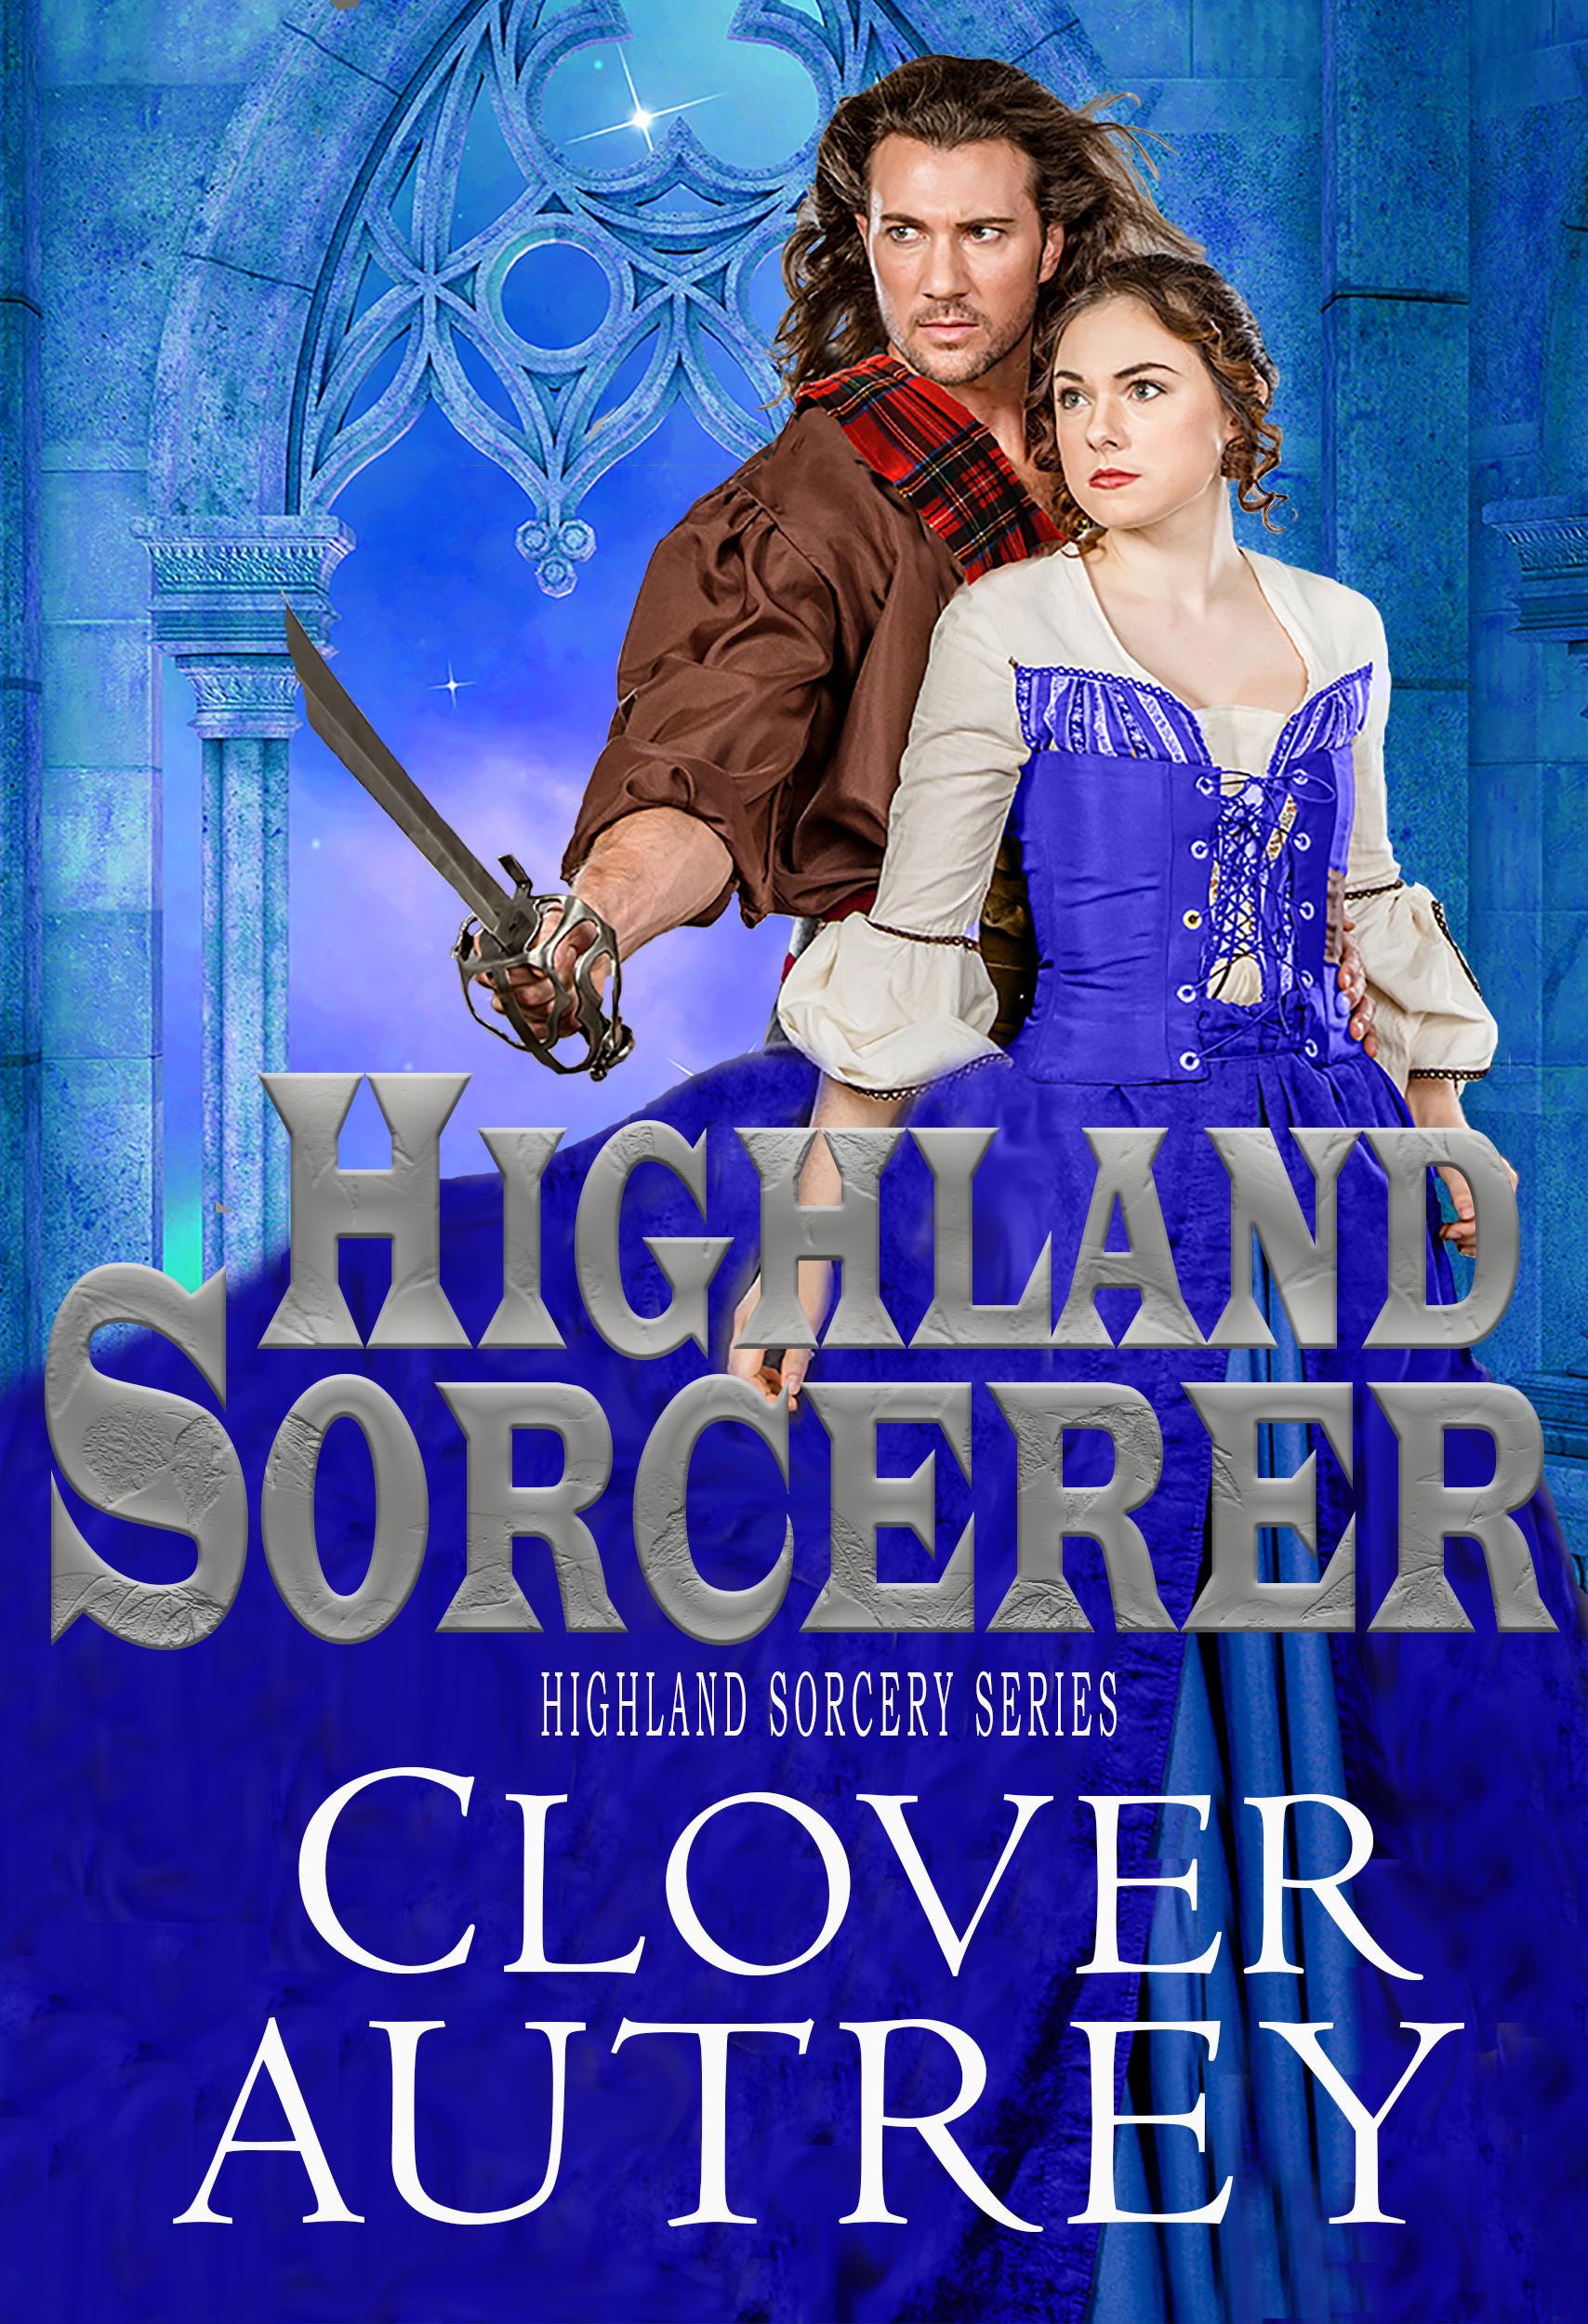 Highland Sorcerer (sst-cdl)